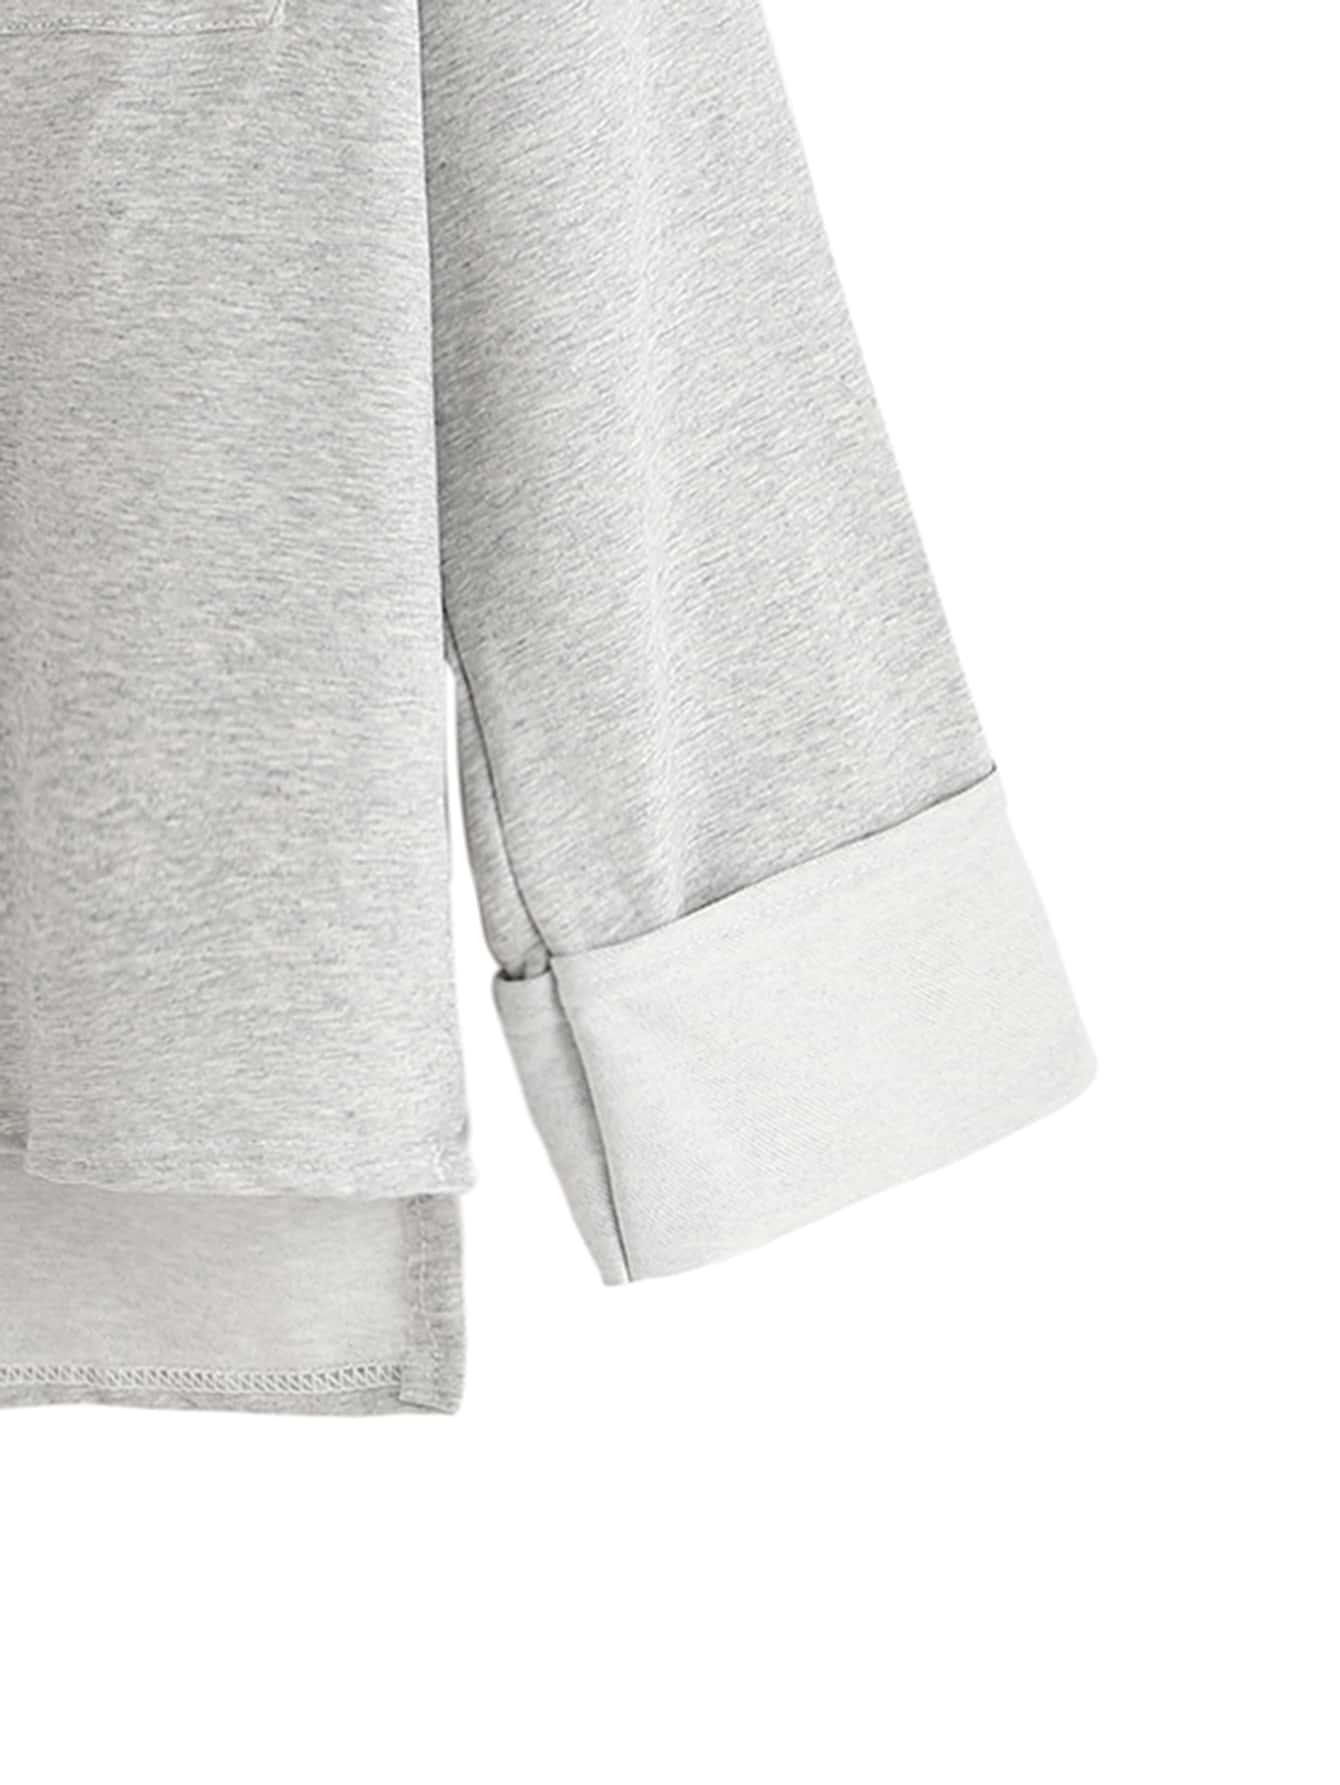 T shirt trap ze avec poches couleur unie gris p le for Couleur gris pale